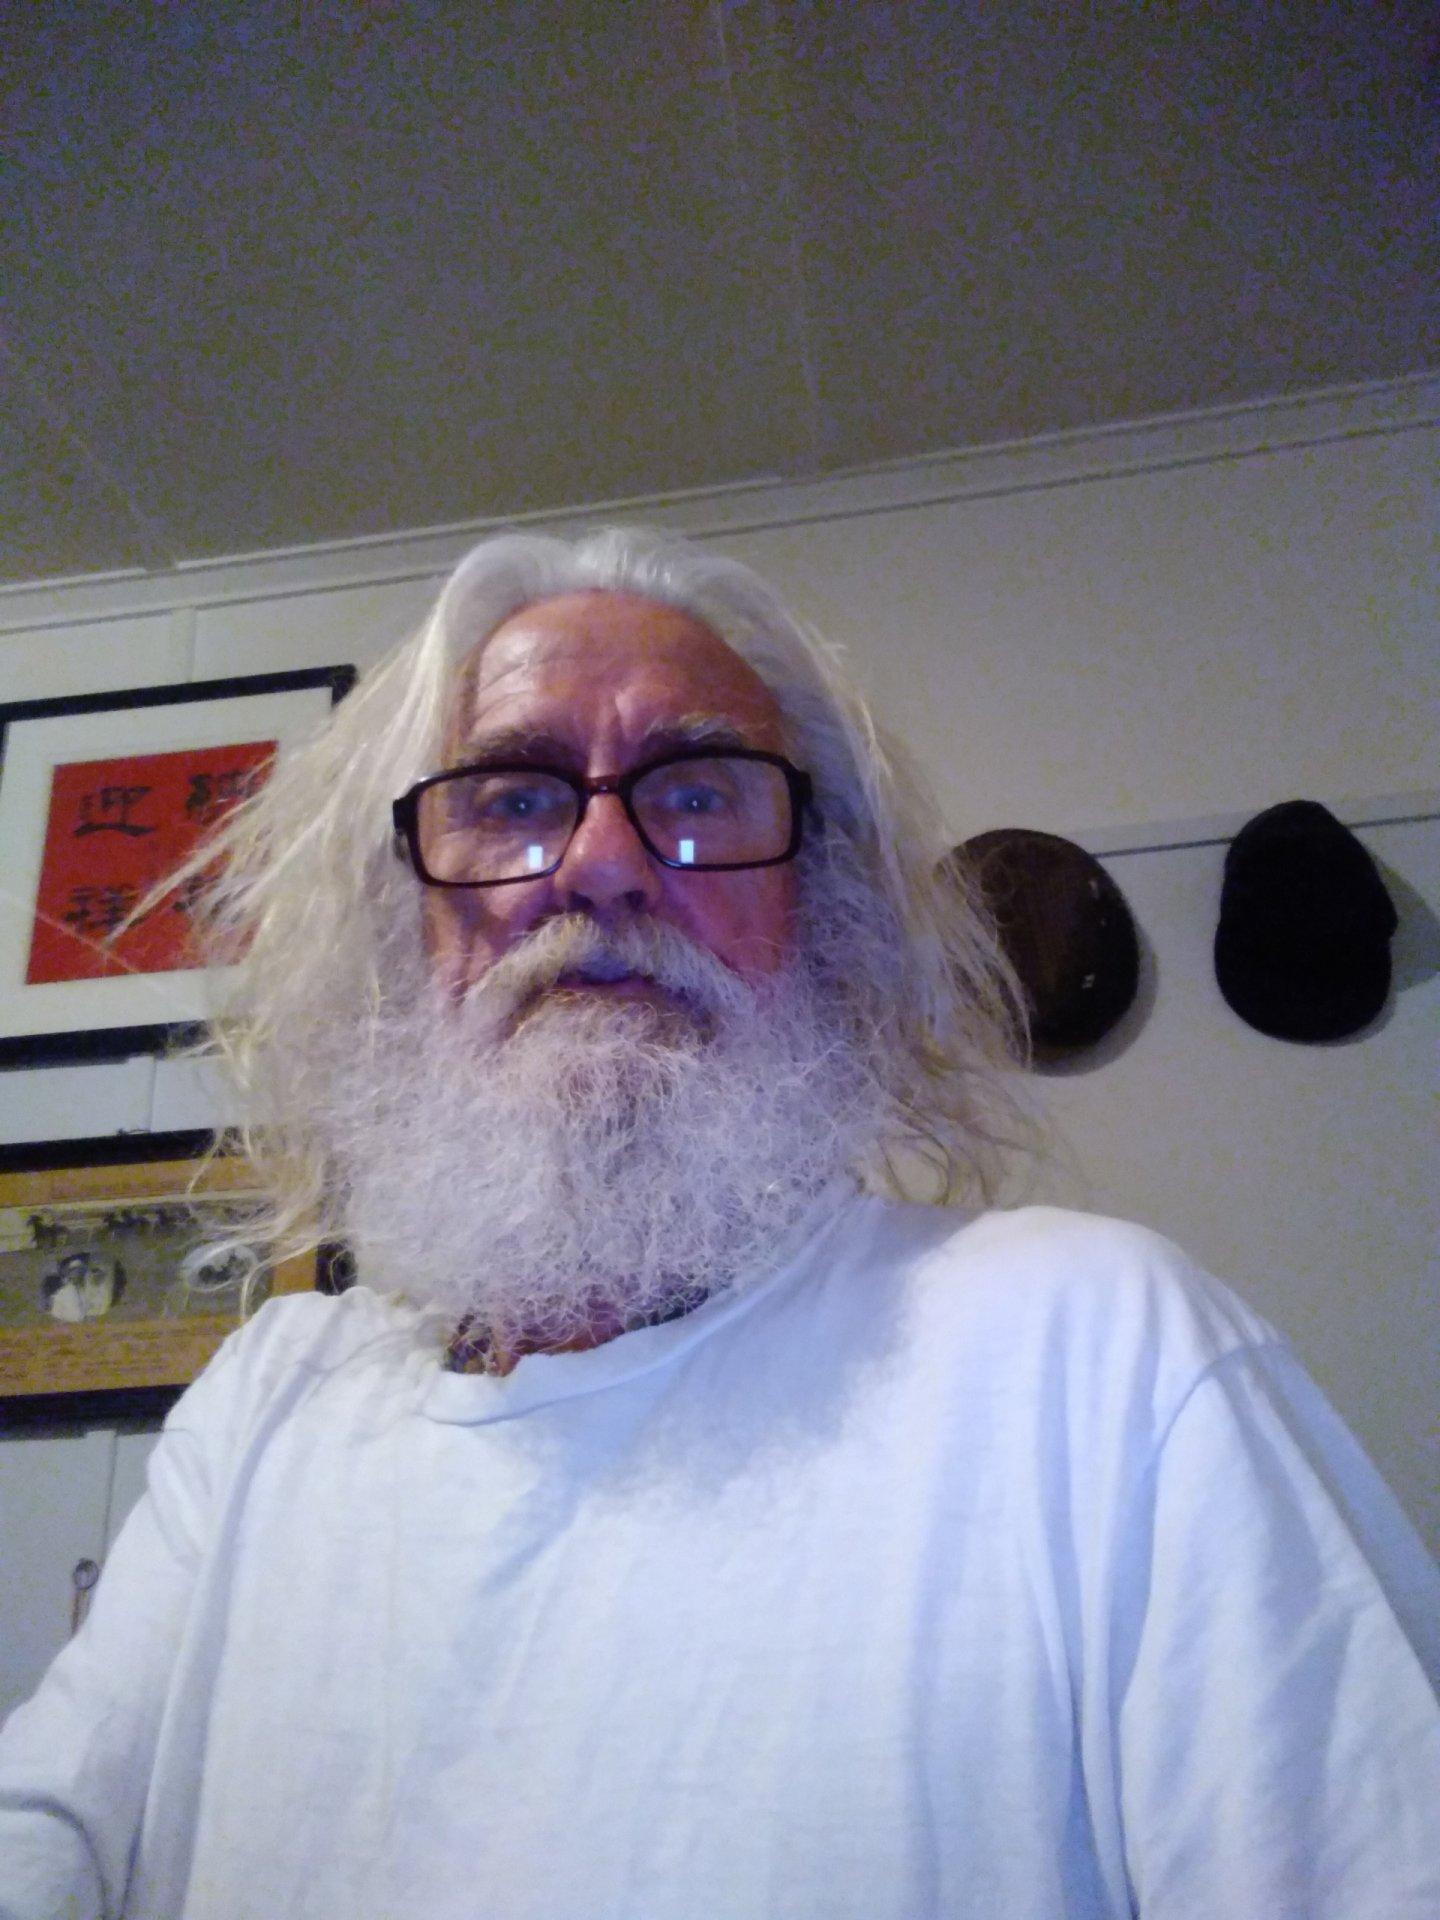 Joeypop. from Queensland,Australia